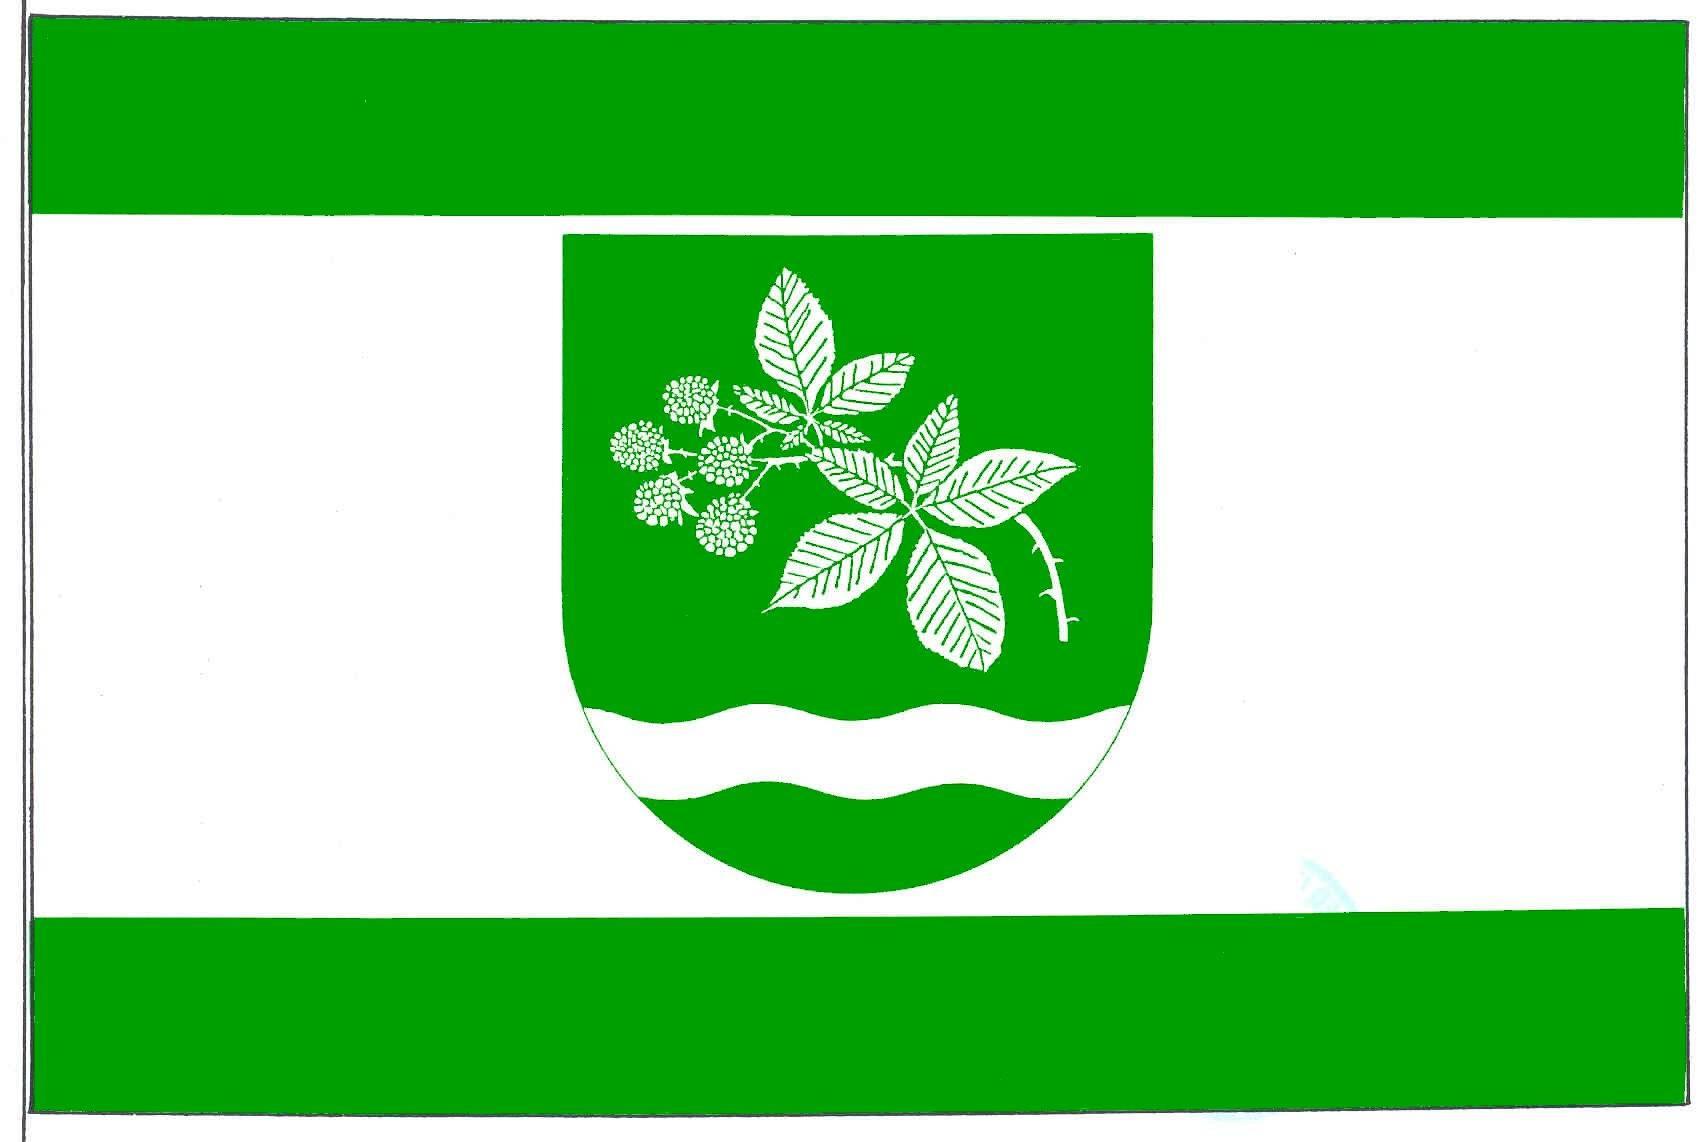 Flagge GemeindeBrammer, Kreis Rendsburg-Eckernförde